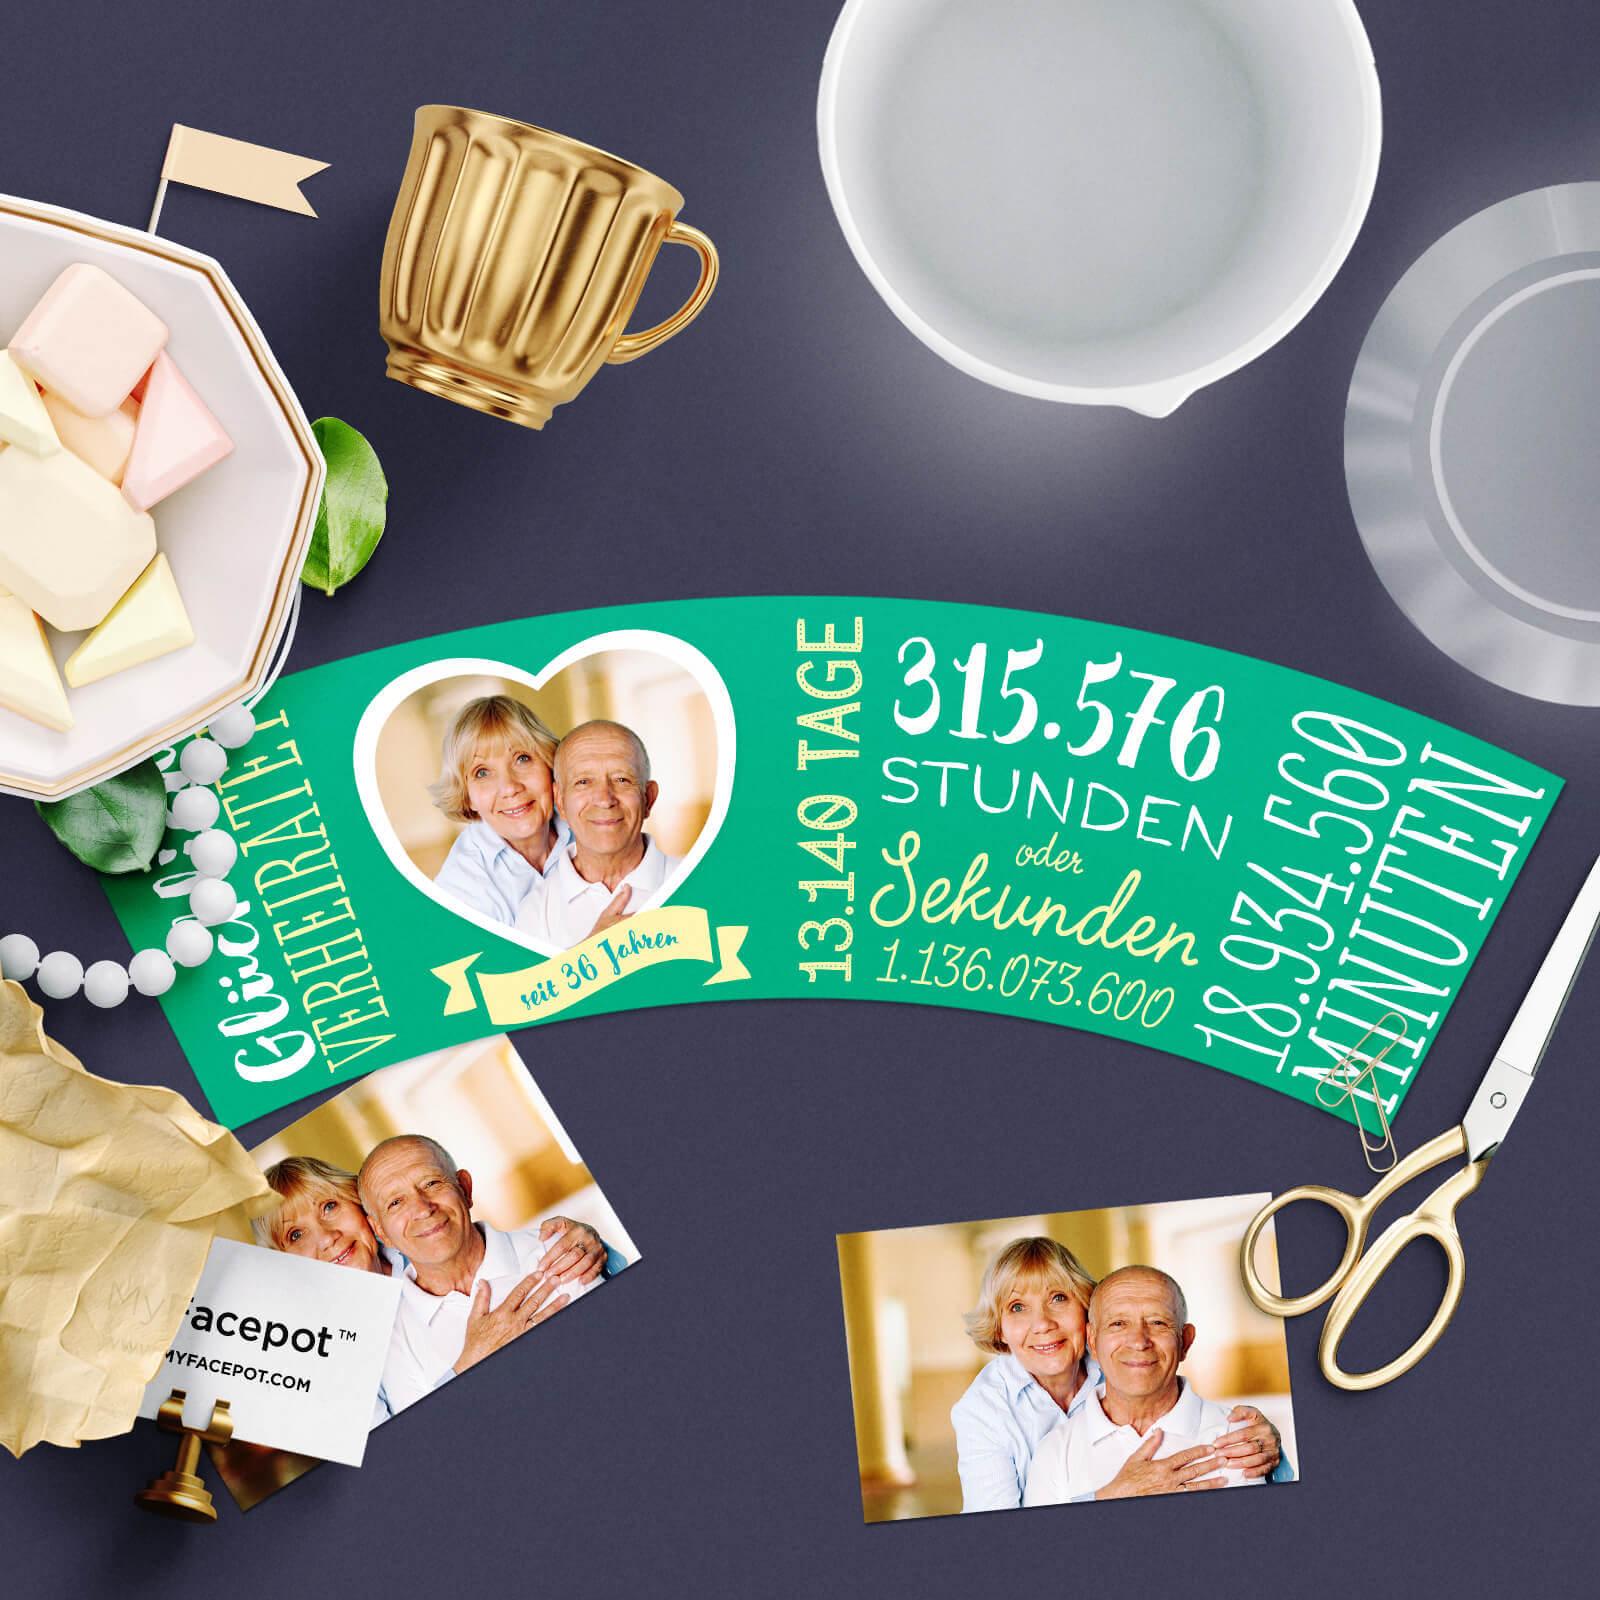 Geschenk zur Smaragdhochzeit - 36 Jahre